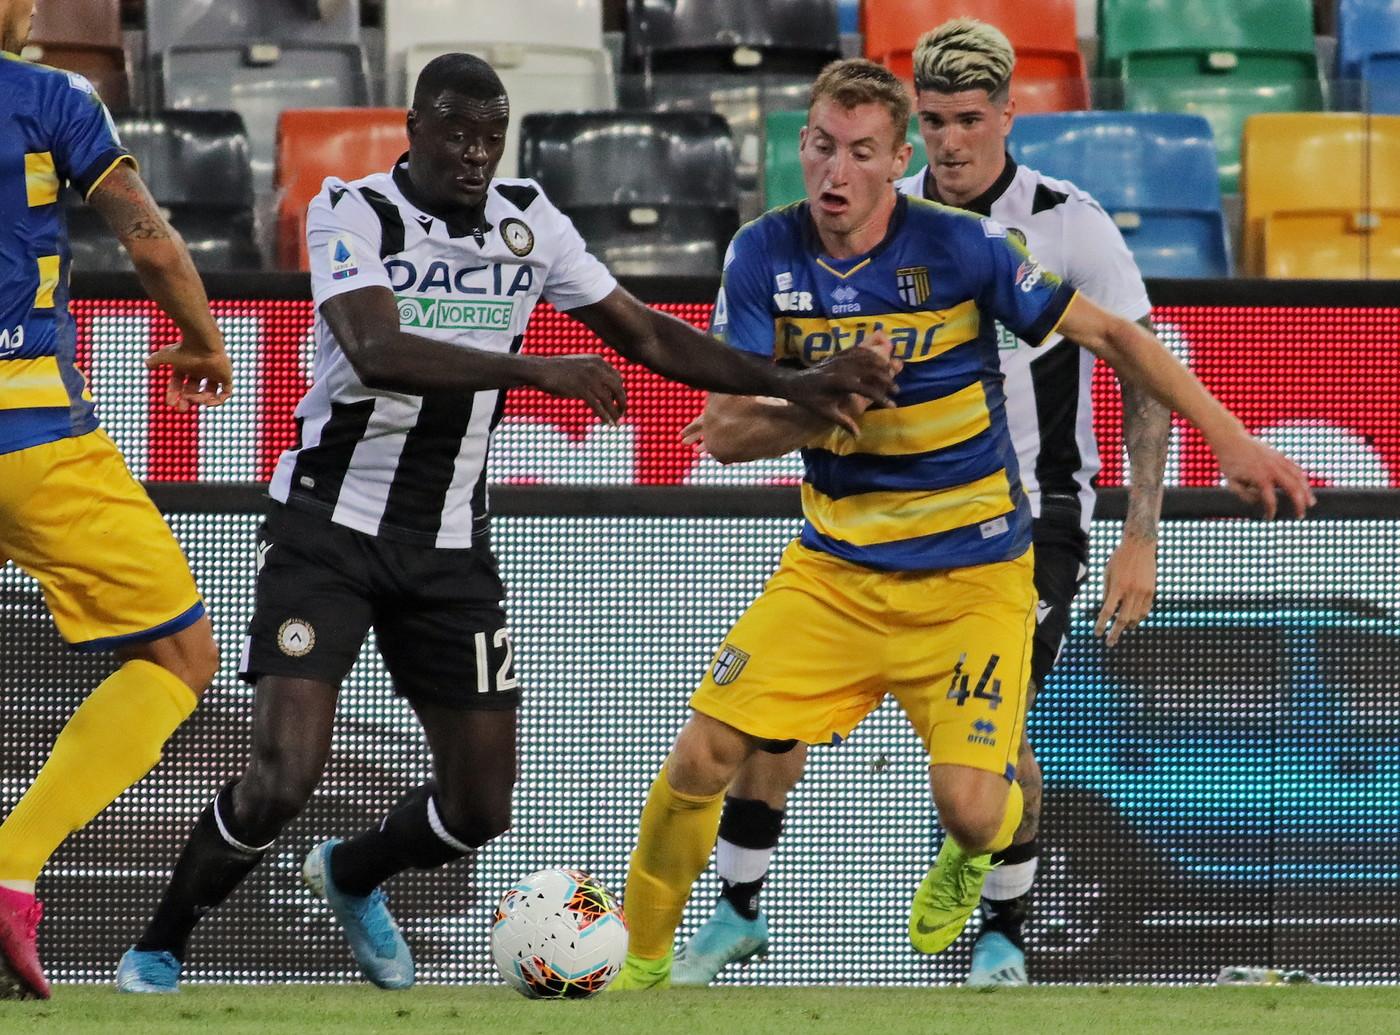 Sema, chi è costui? Arrivato dal Watford, Tudor lo ha schierato titolare da esterno sinistro contro il Parma e si è fatto trovare spesso fuori posizione